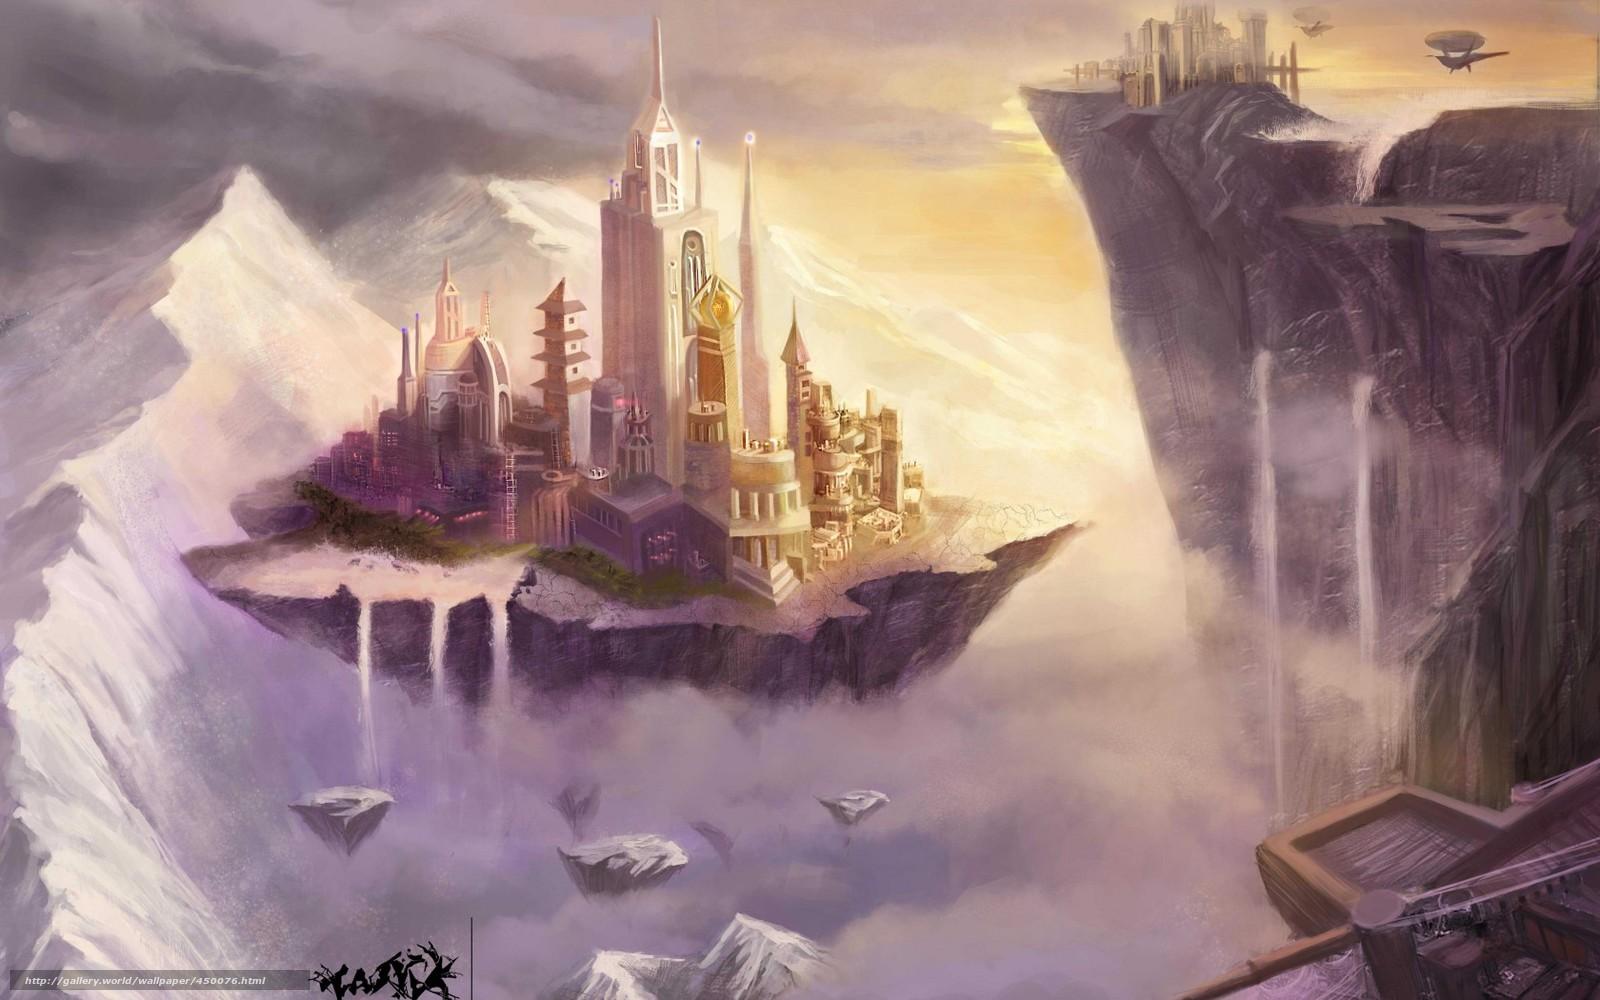 фотографию летающий город рисунок конце статьи